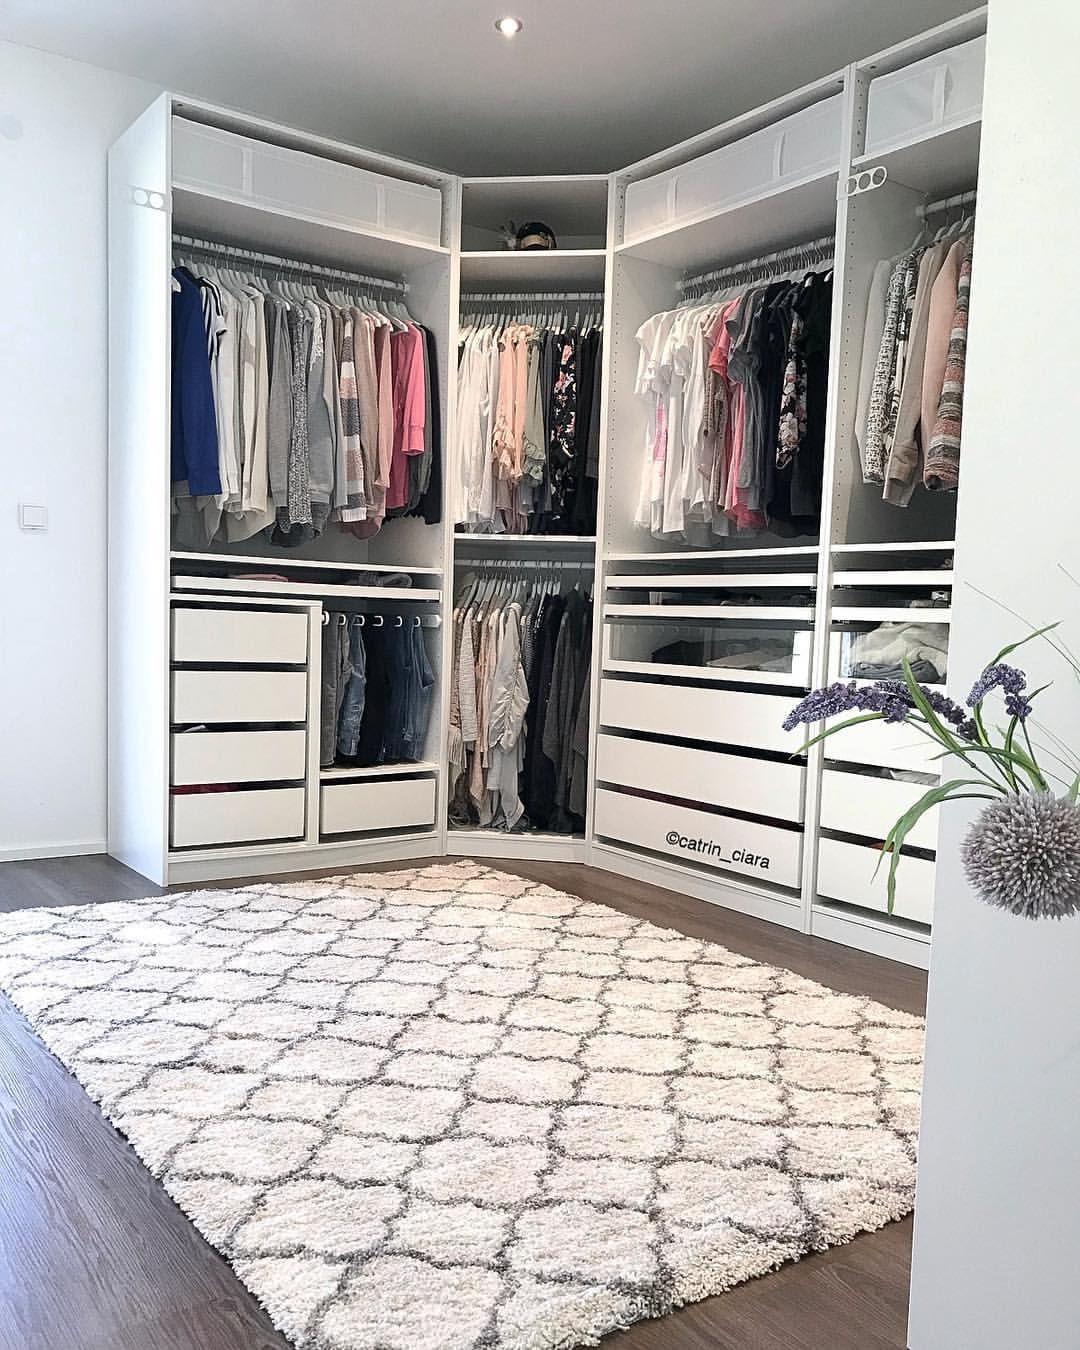 New In Ein Teppich In Unserem Ankleidezimmer Ich Hoffe Ciara Denkt Nicht Das Ist Ihre Neue Hundedecke Ikea Dressing Room Wardrobe Room Closet Layout